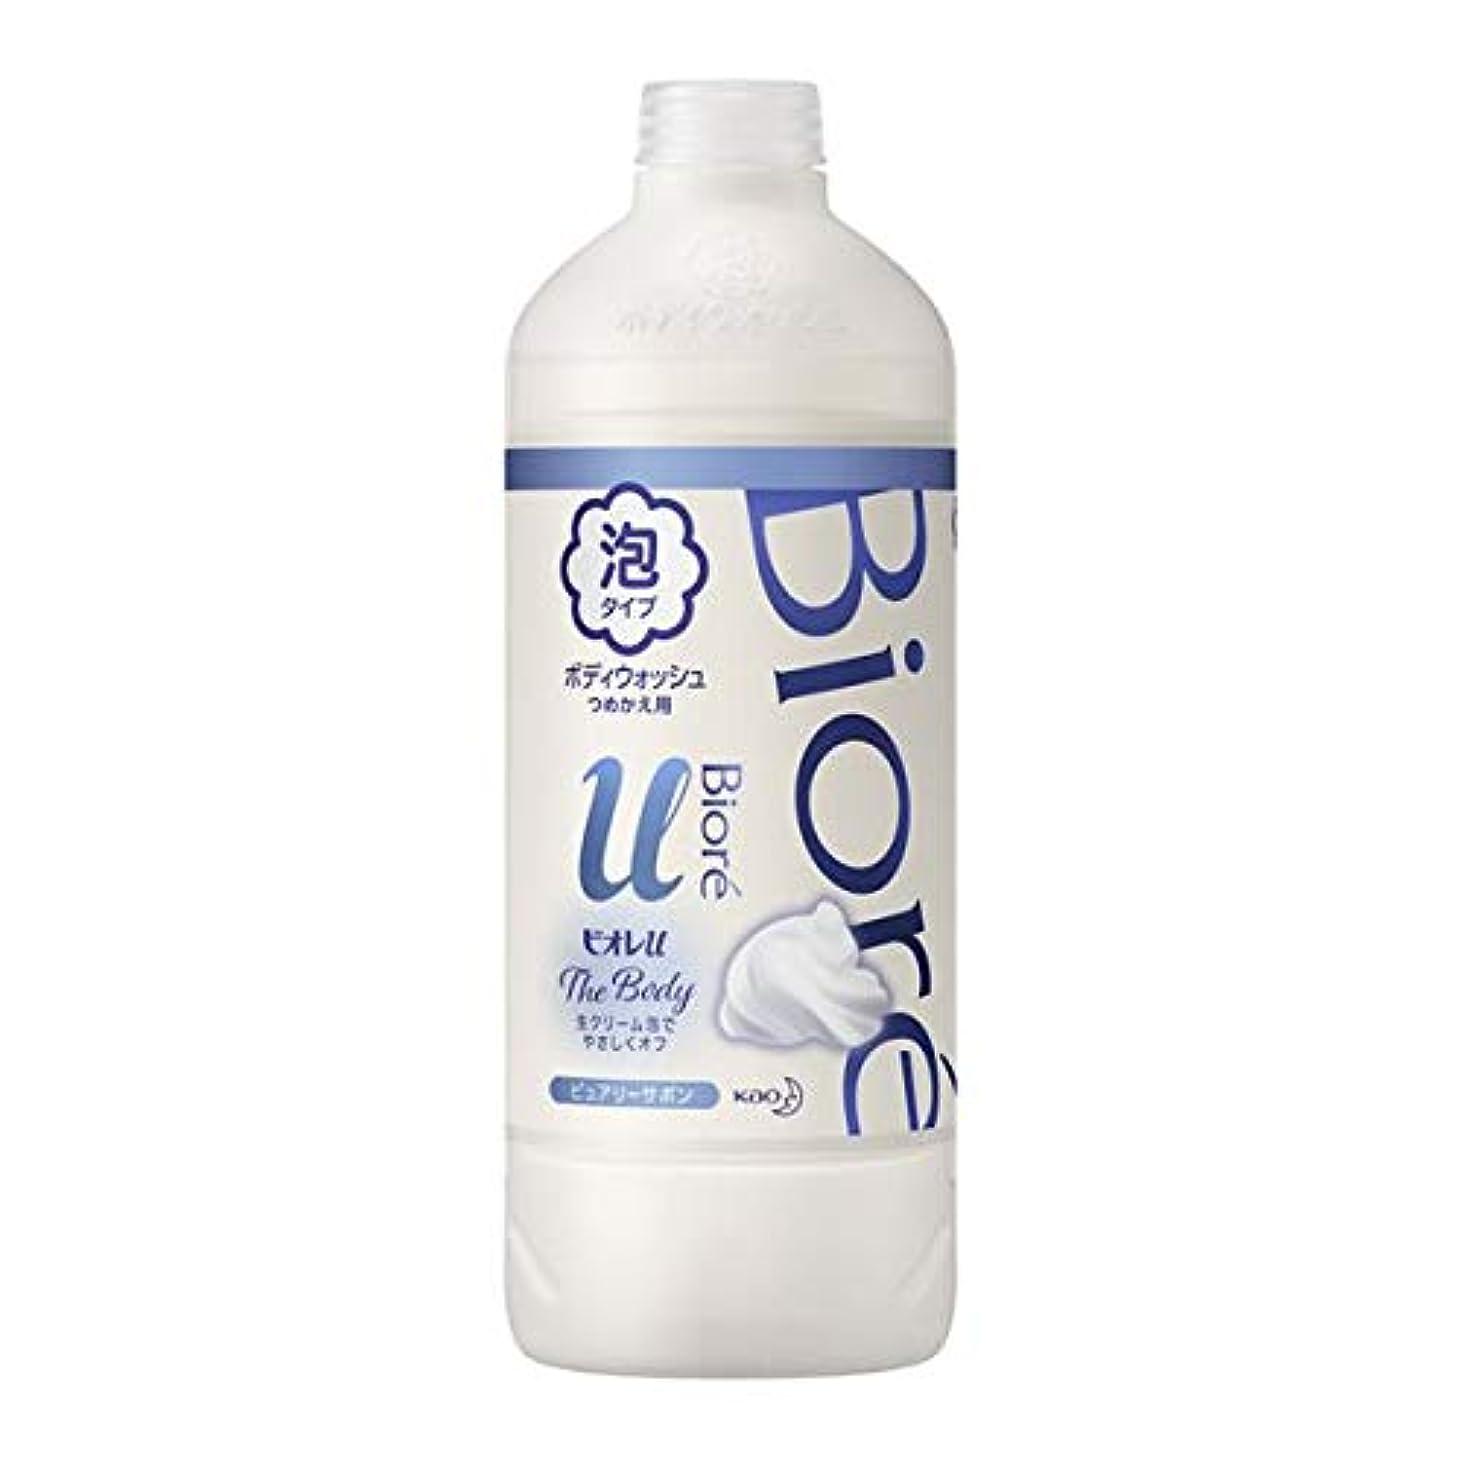 免除する罪嵐花王 ビオレu ザ ボディ泡ピュアリーサボンの香り 詰替え用 450ml